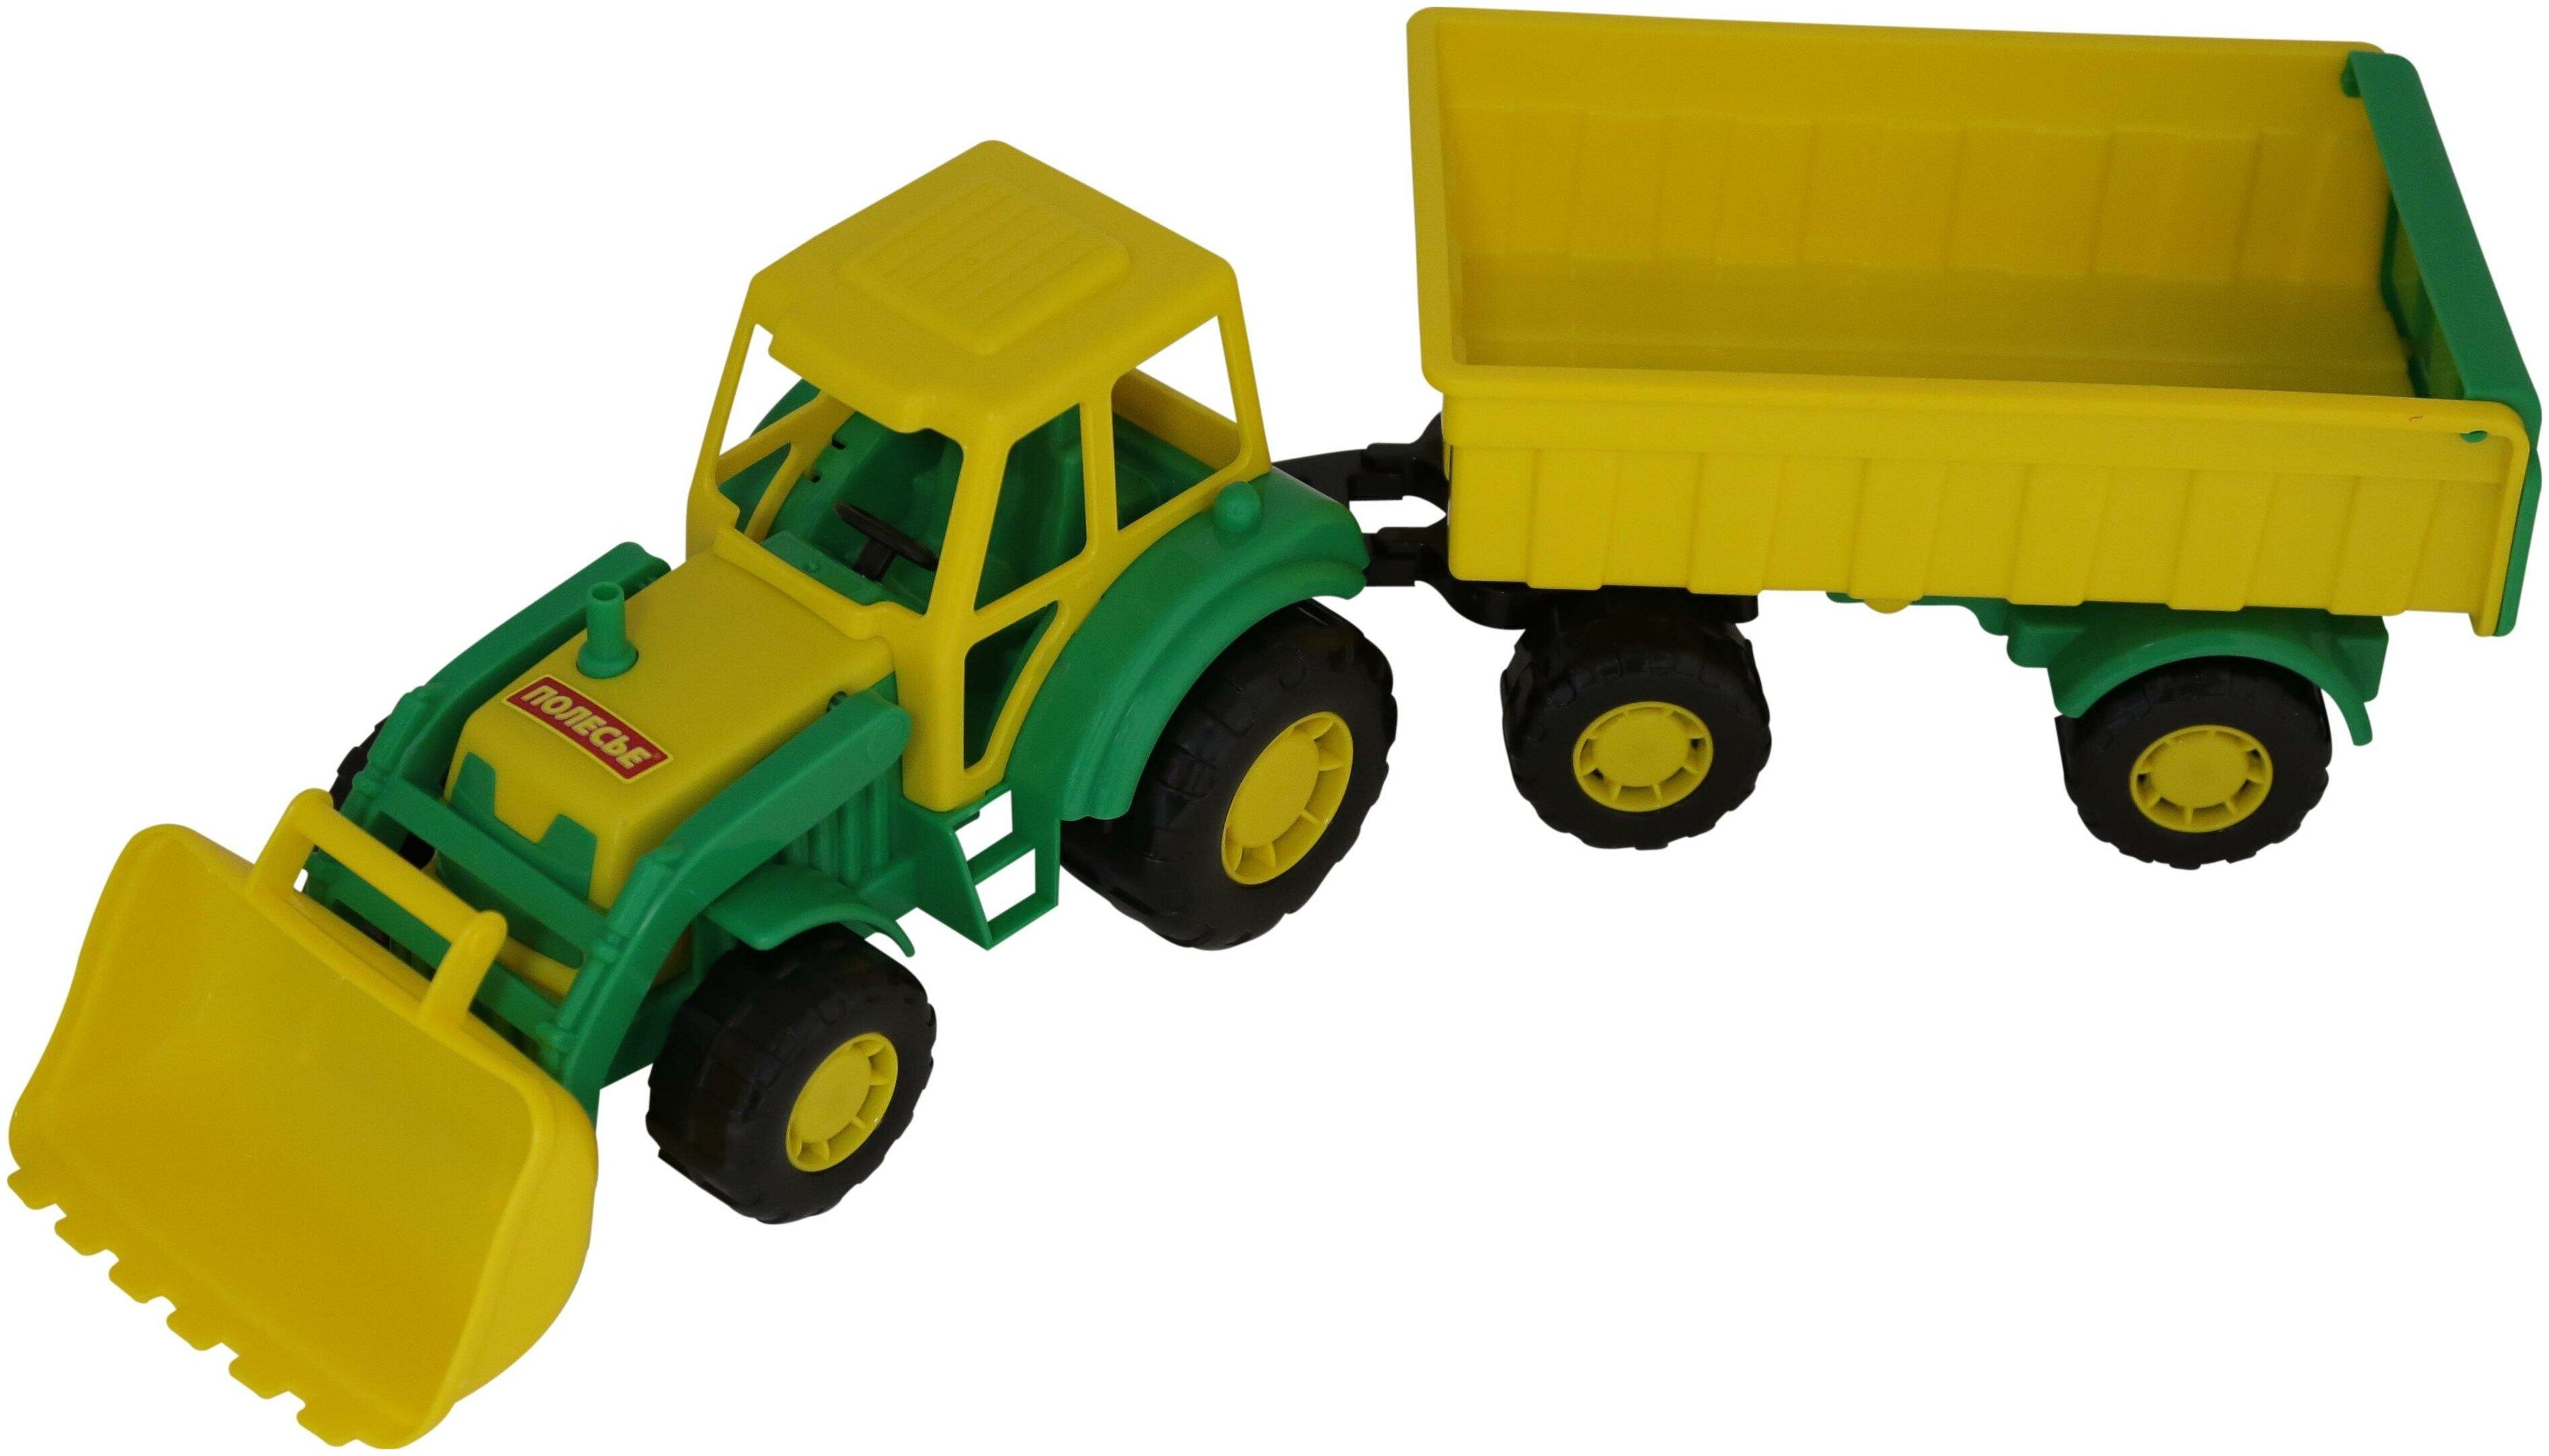 Трактор Полесье Мастер с прицепом №1 и ковшом (35264), 51 см — купить по выгодной цене на Яндекс.Маркете